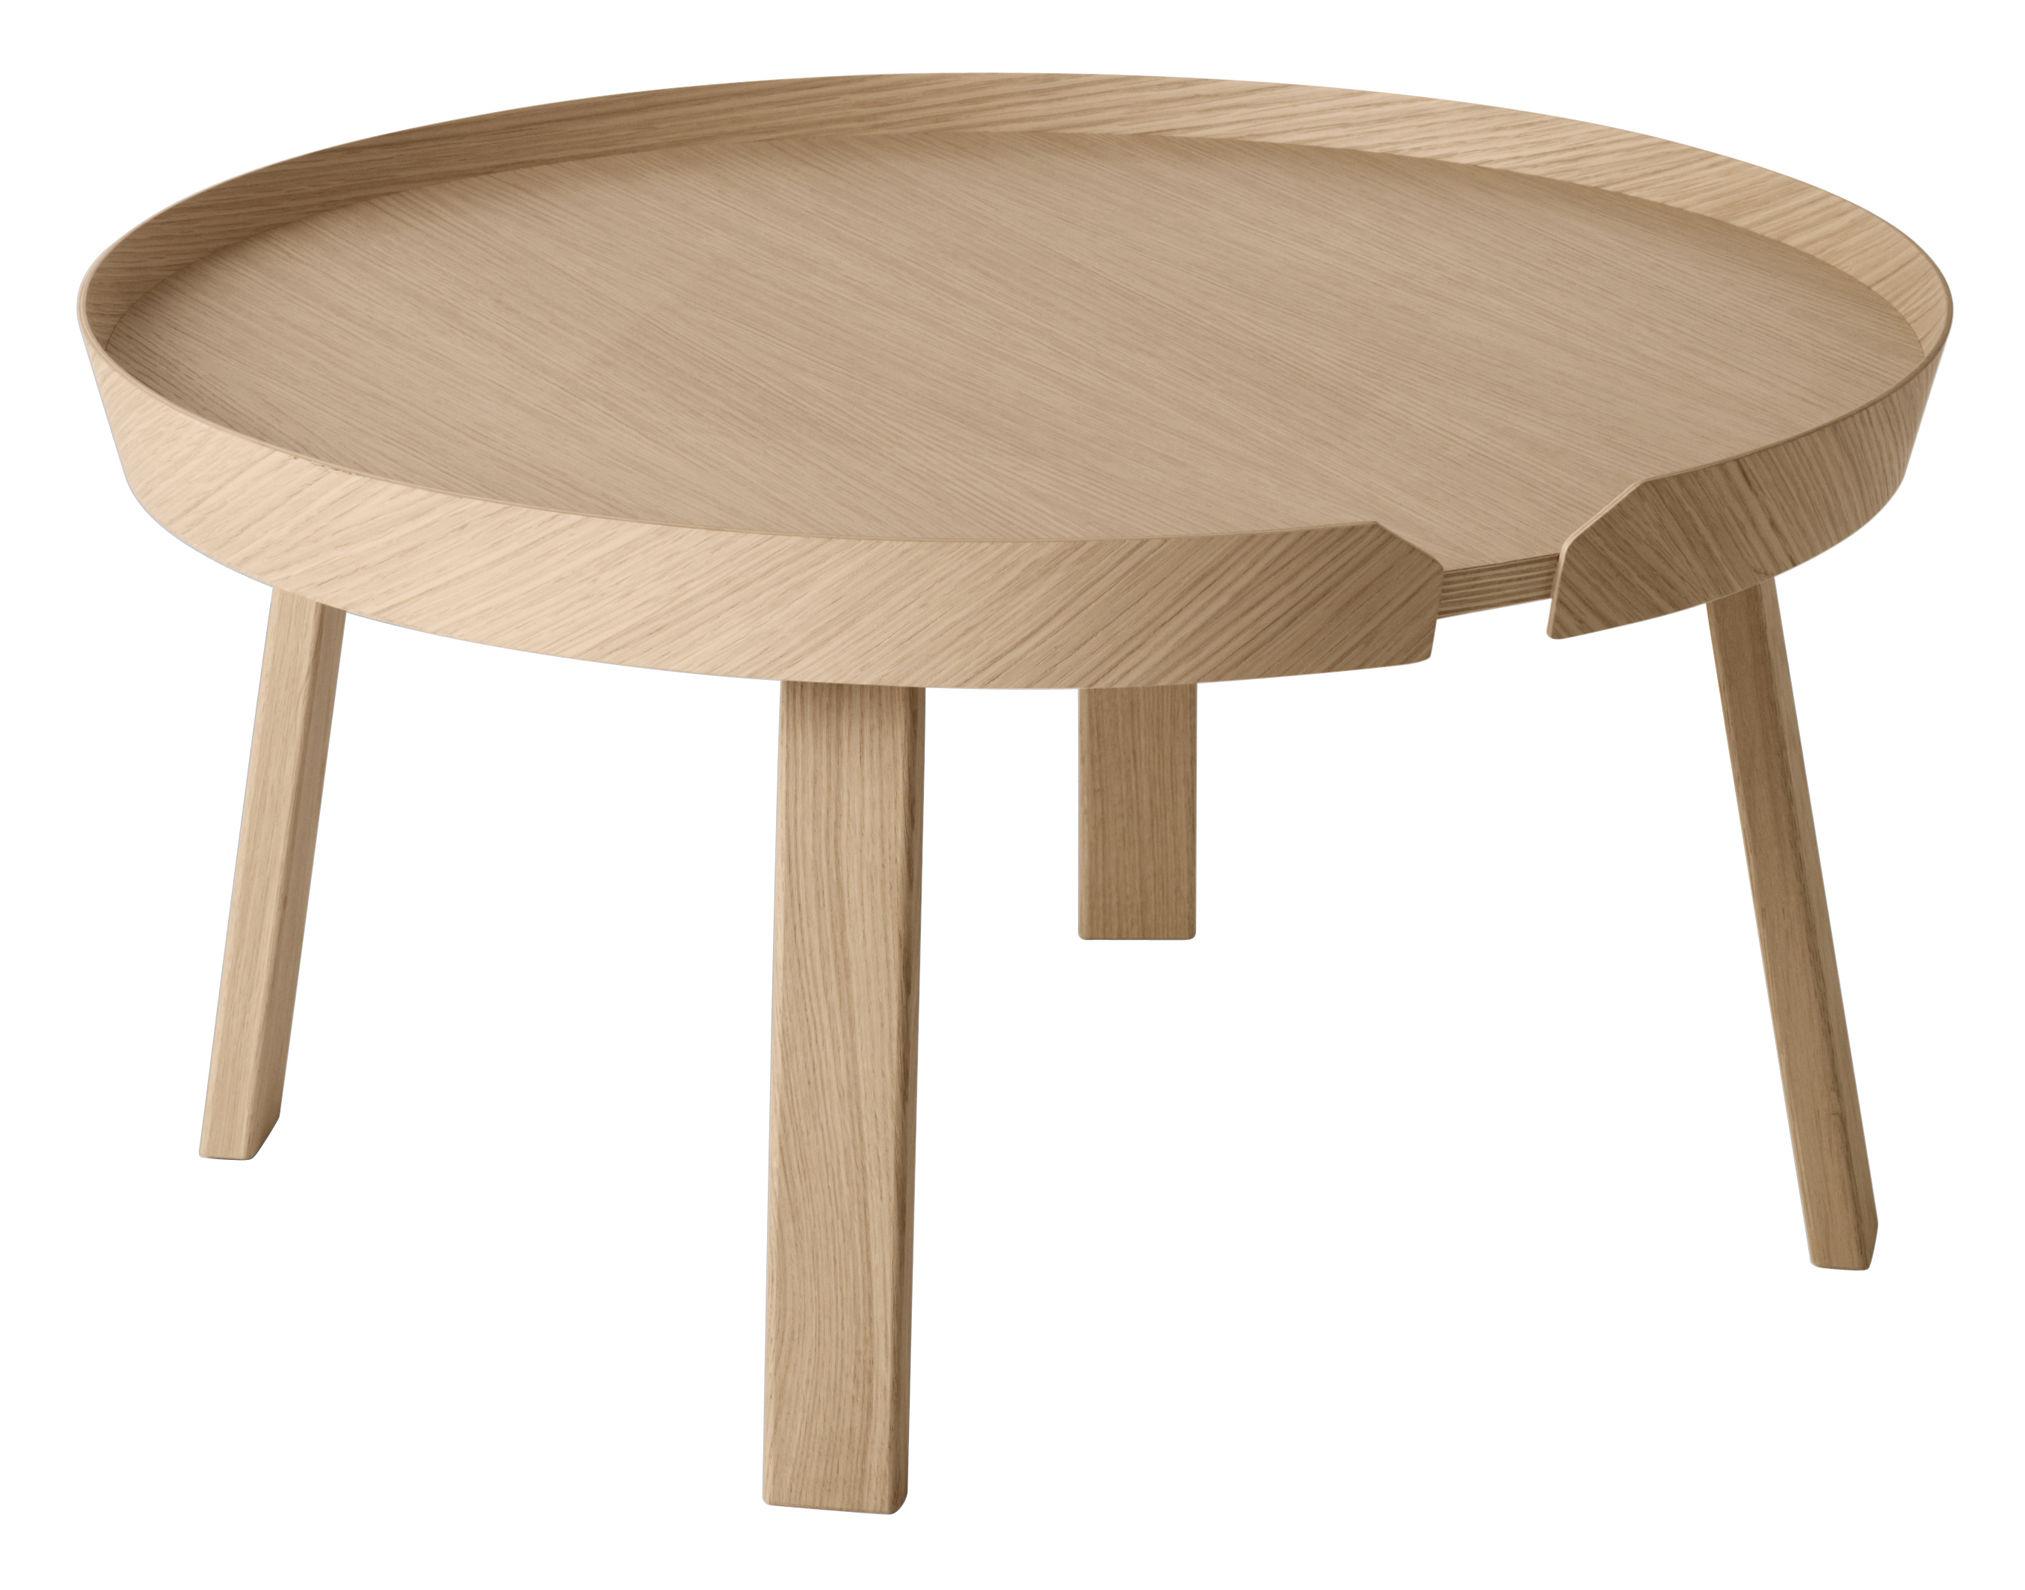 Möbel - Couchtische - Around Couchtisch Groß Ø 72 cm x H 37,5 cm - Muuto - Ø 72 cm - Eiche natur - Eiche natur